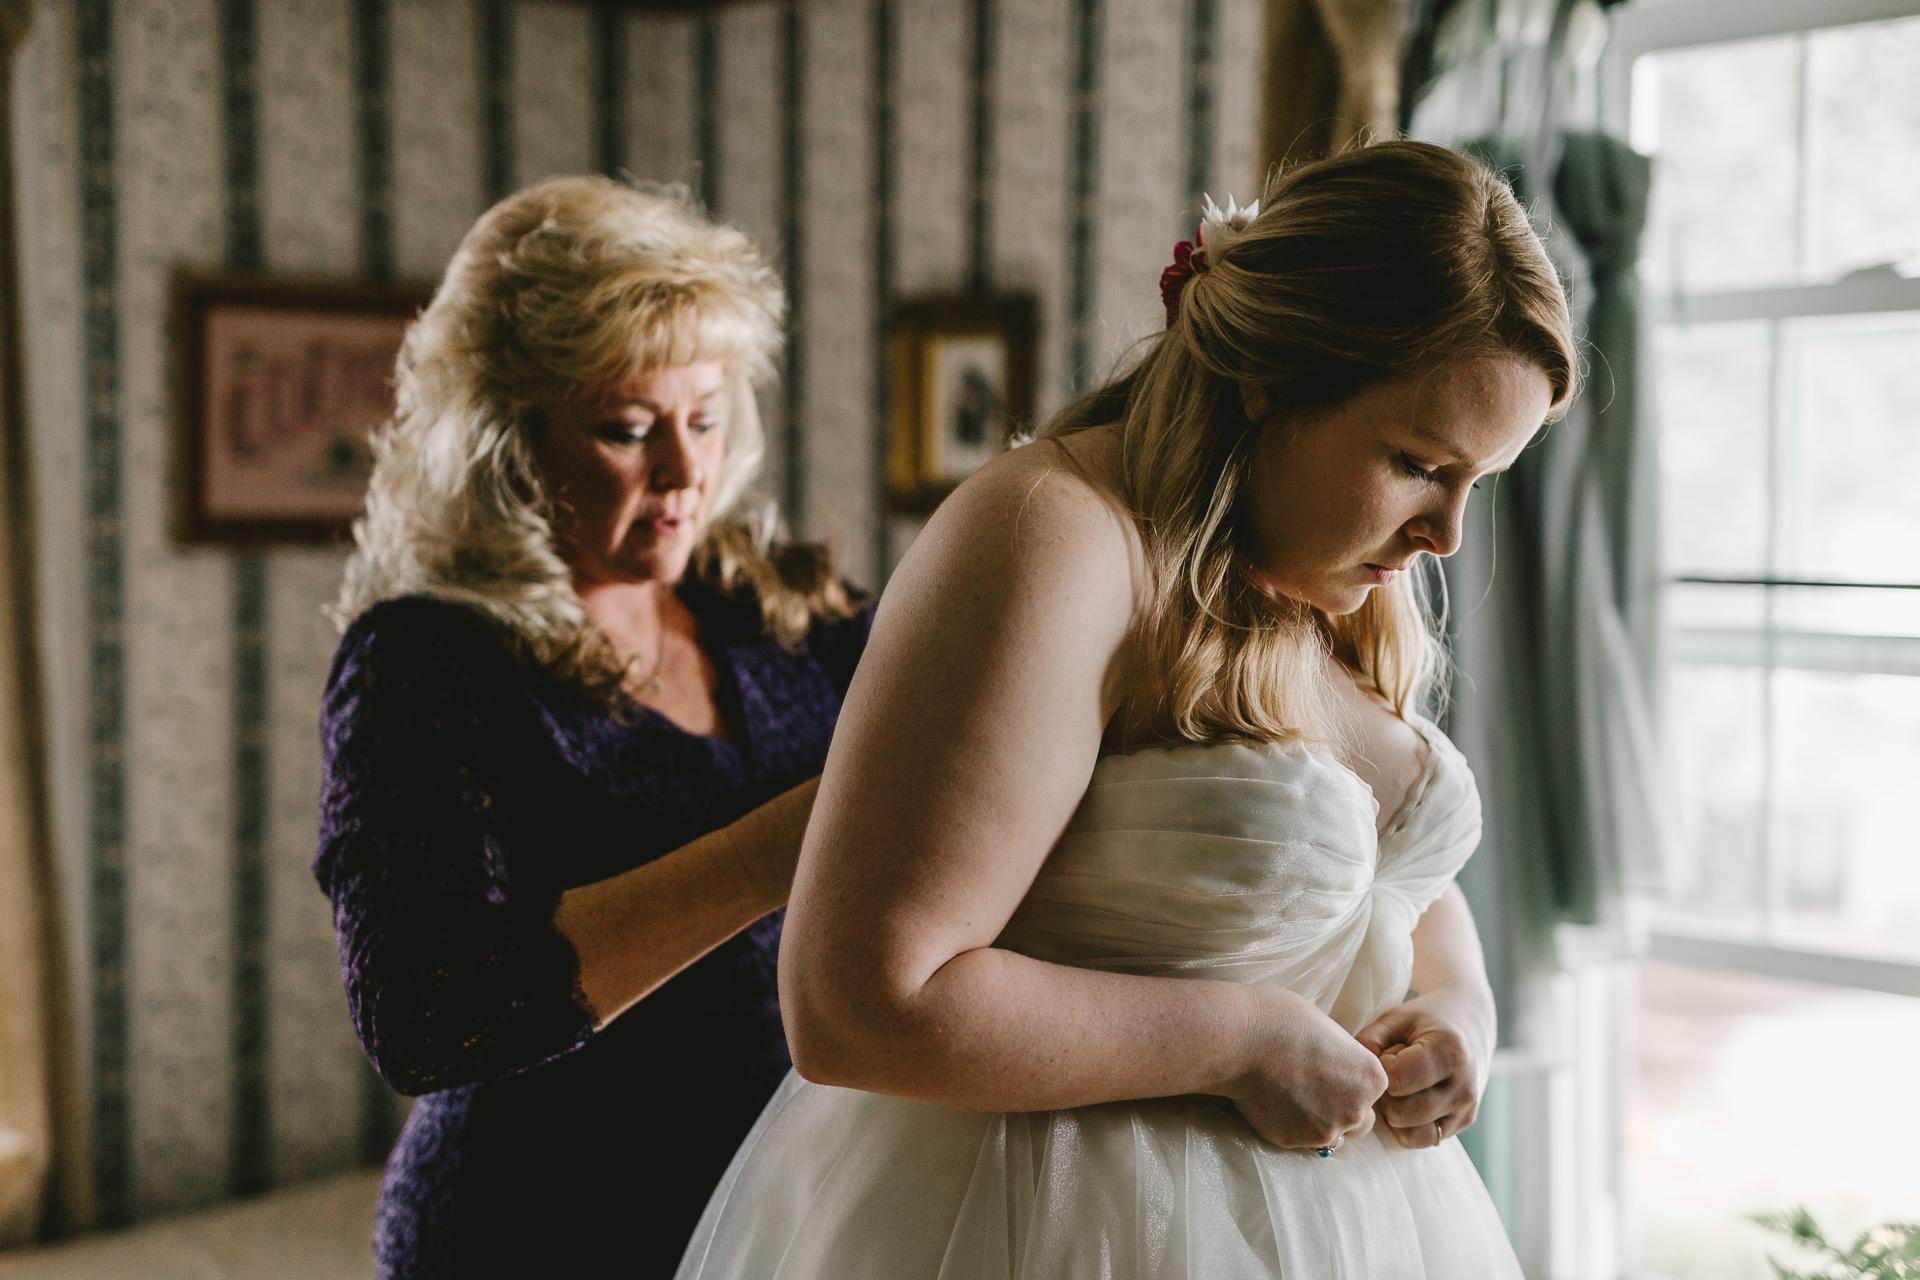 jess-hunter-tilghman-island-wedding-photographer-7322.jpg